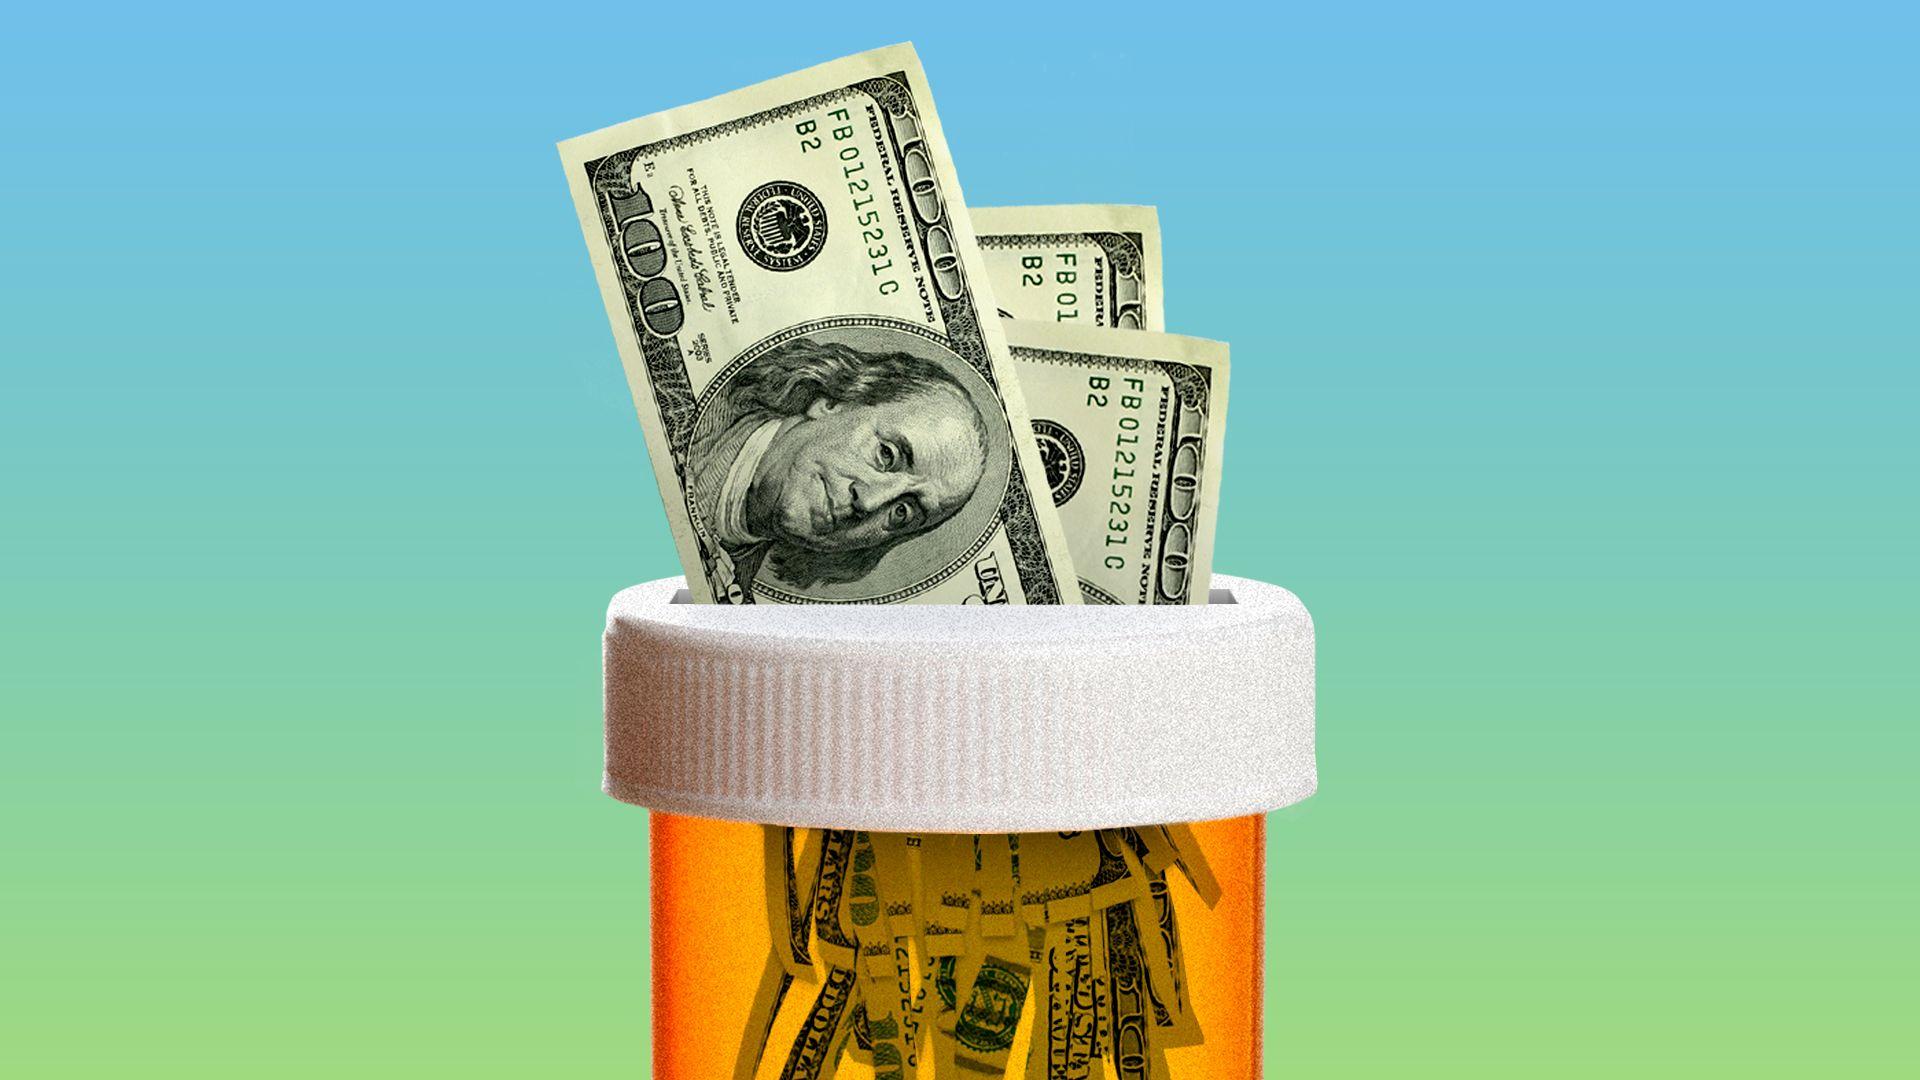 An amber pill bottle with hundred-dollar bills stuffed inside.